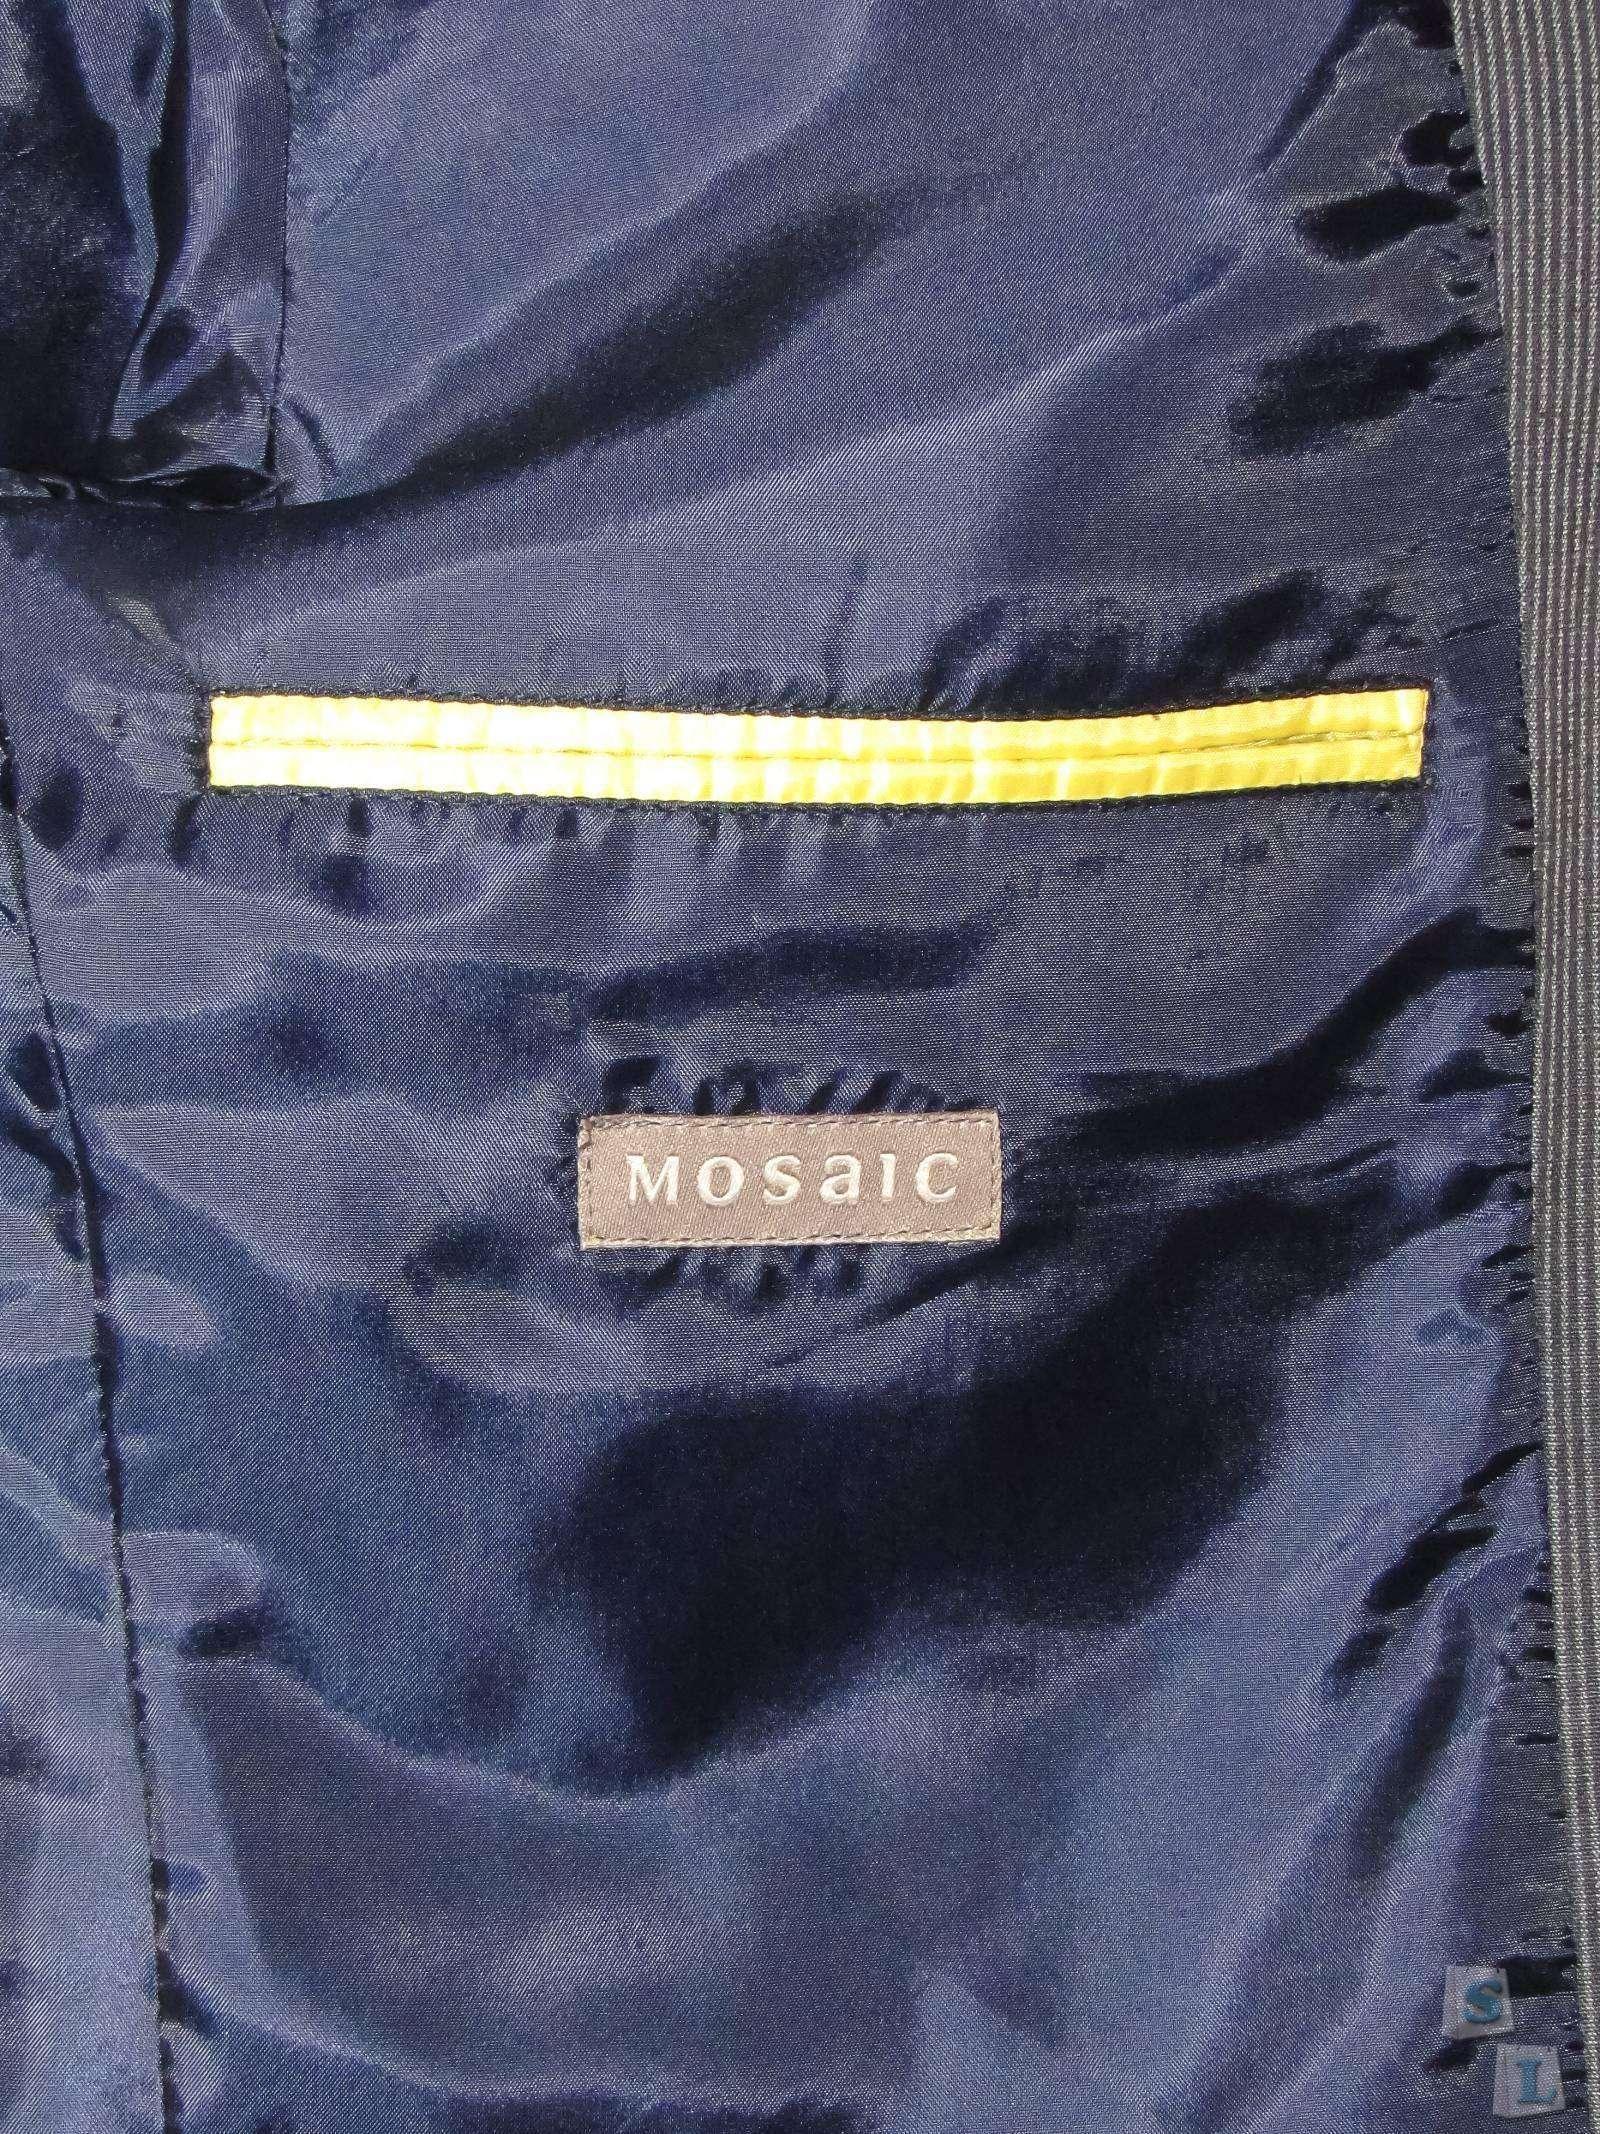 Другие - Украина: Охота на распродажах - casual пиджак от Mosaic